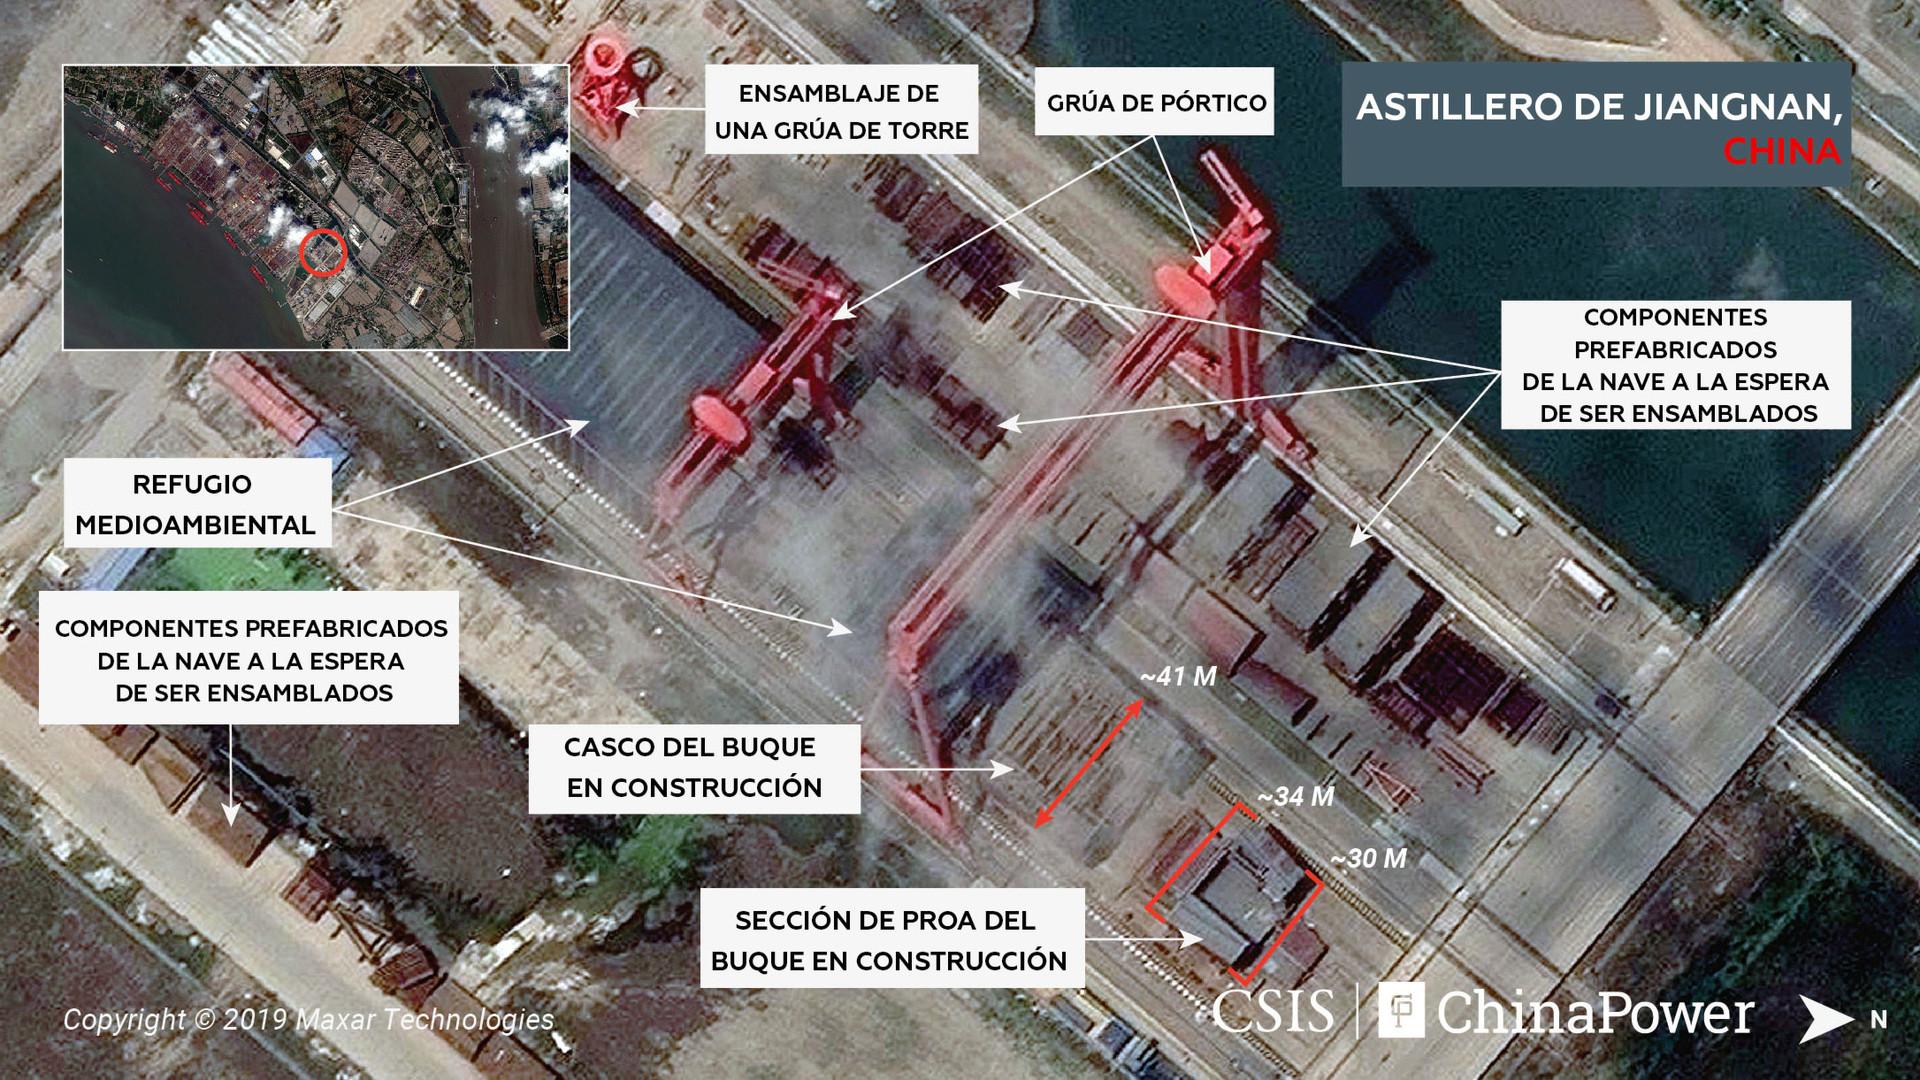 Portaaviones  Chinos  Noticias,comentarios,fotos,videos.  - Página 3 5cd1bf4be9180f1b7f8b456b